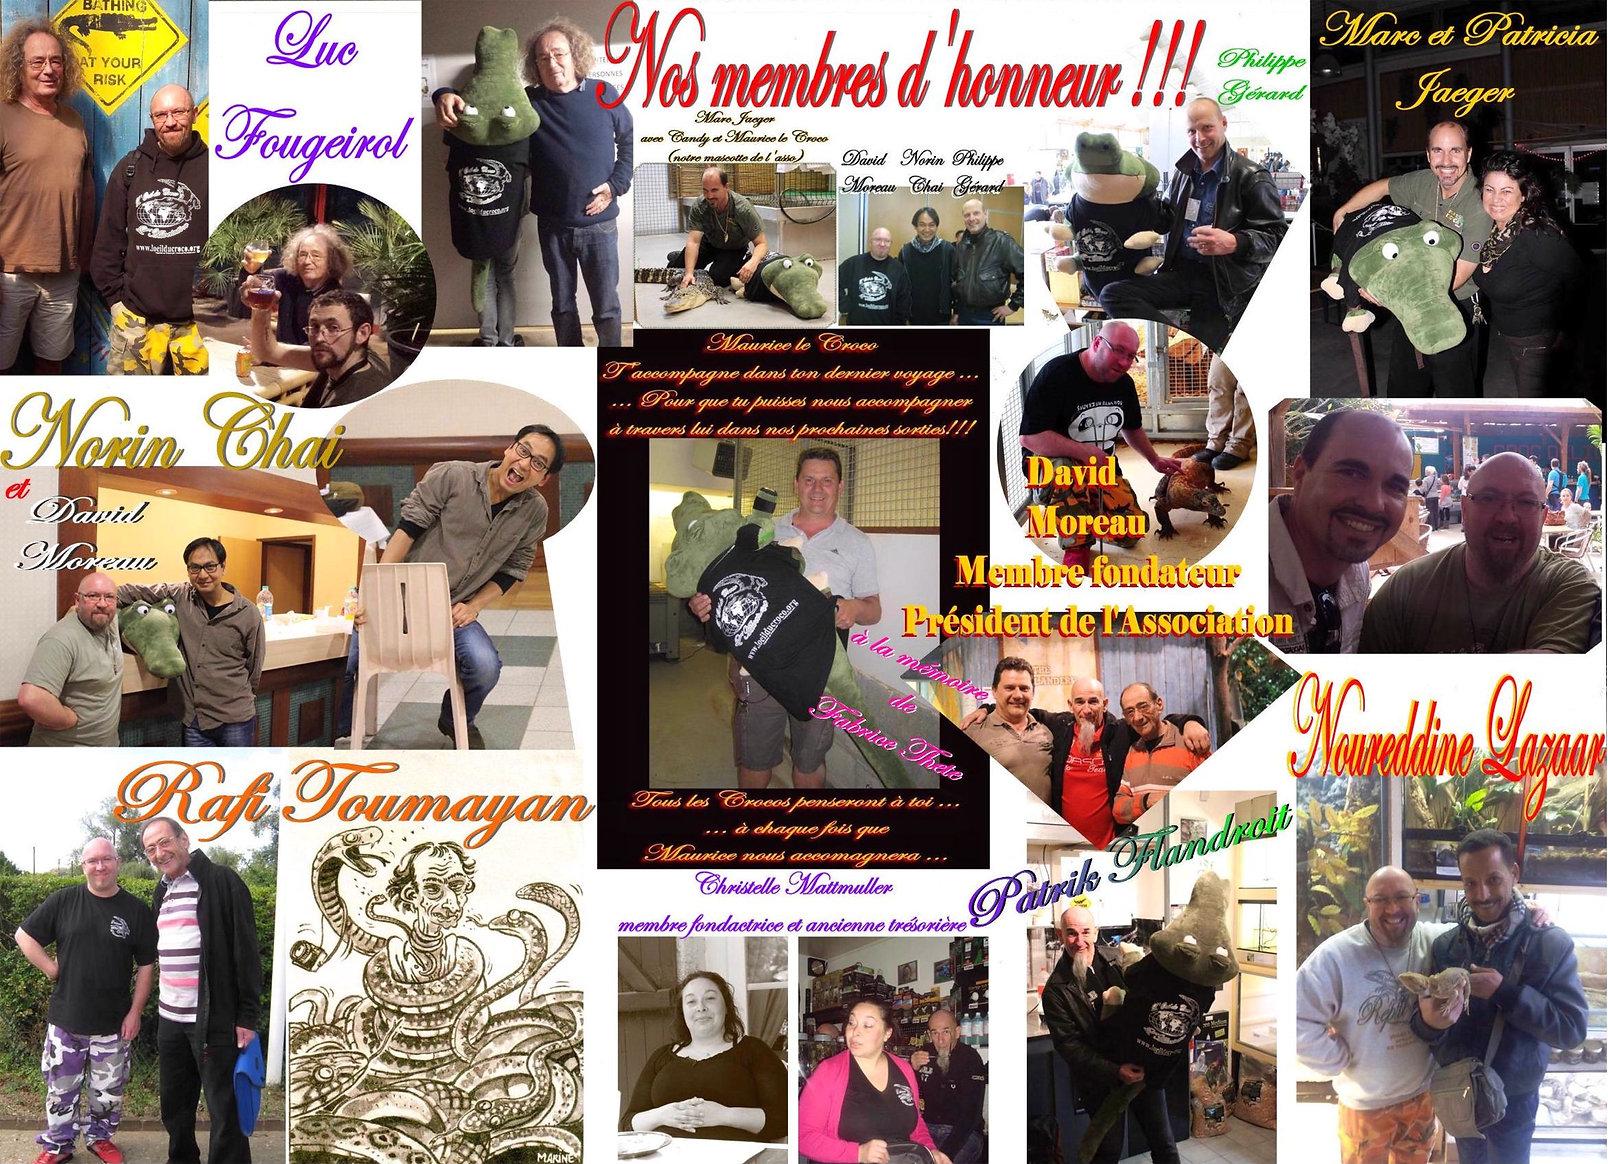 membres d'honneur de l'association L'oeil du Croco